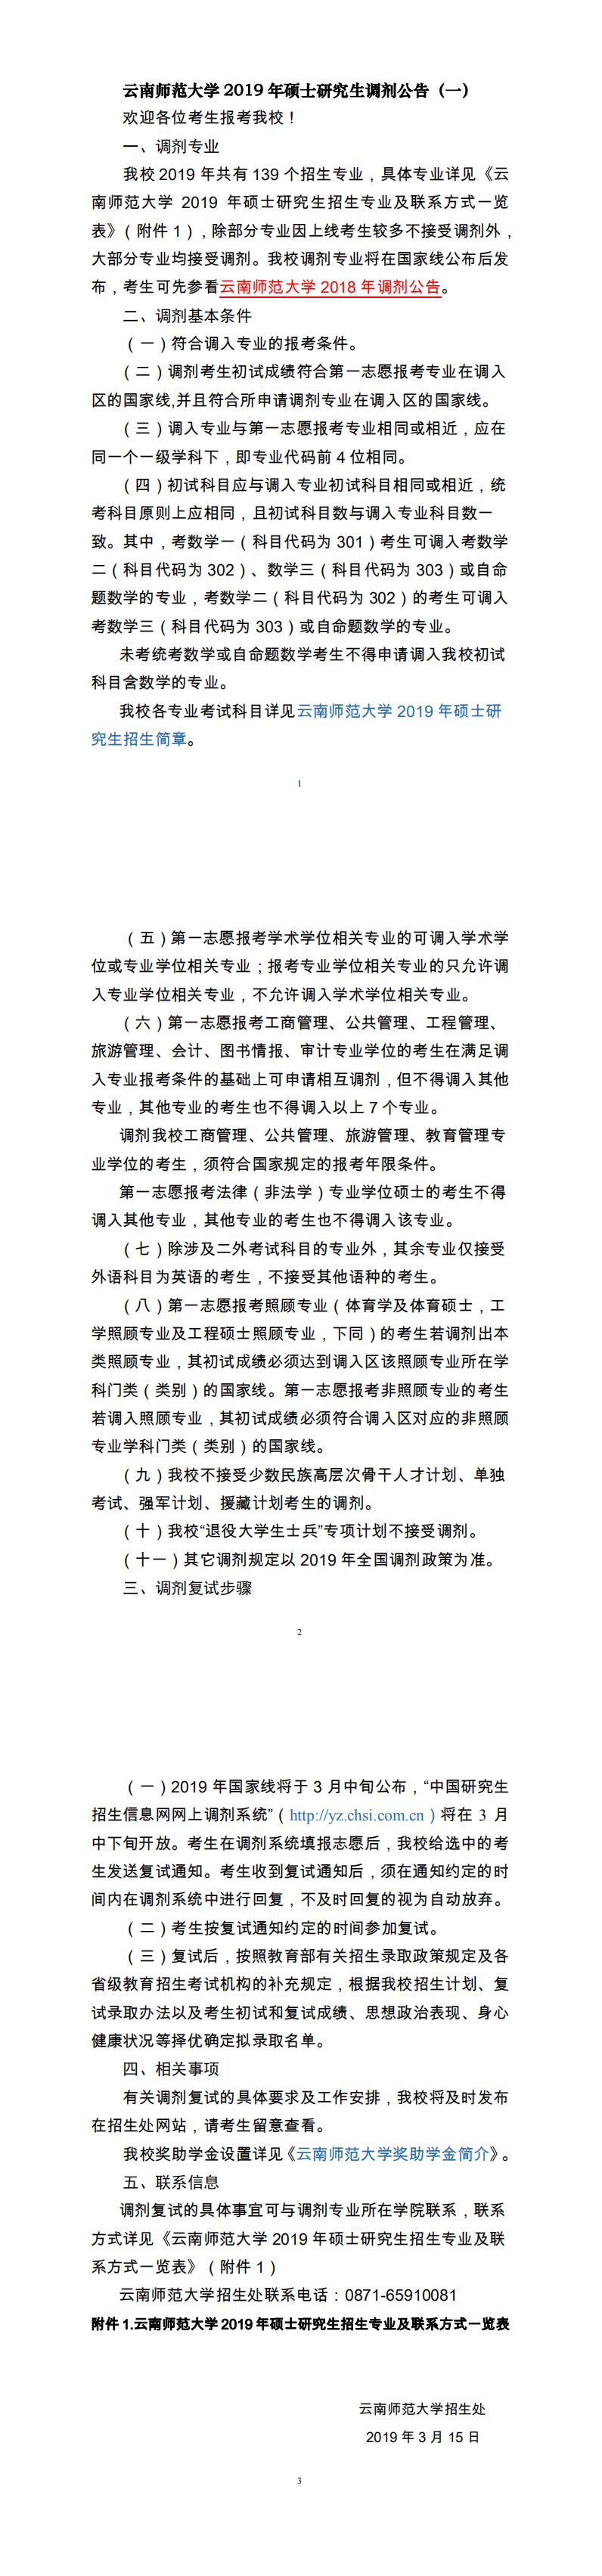 云南师范大学2019年考研调剂信息发布